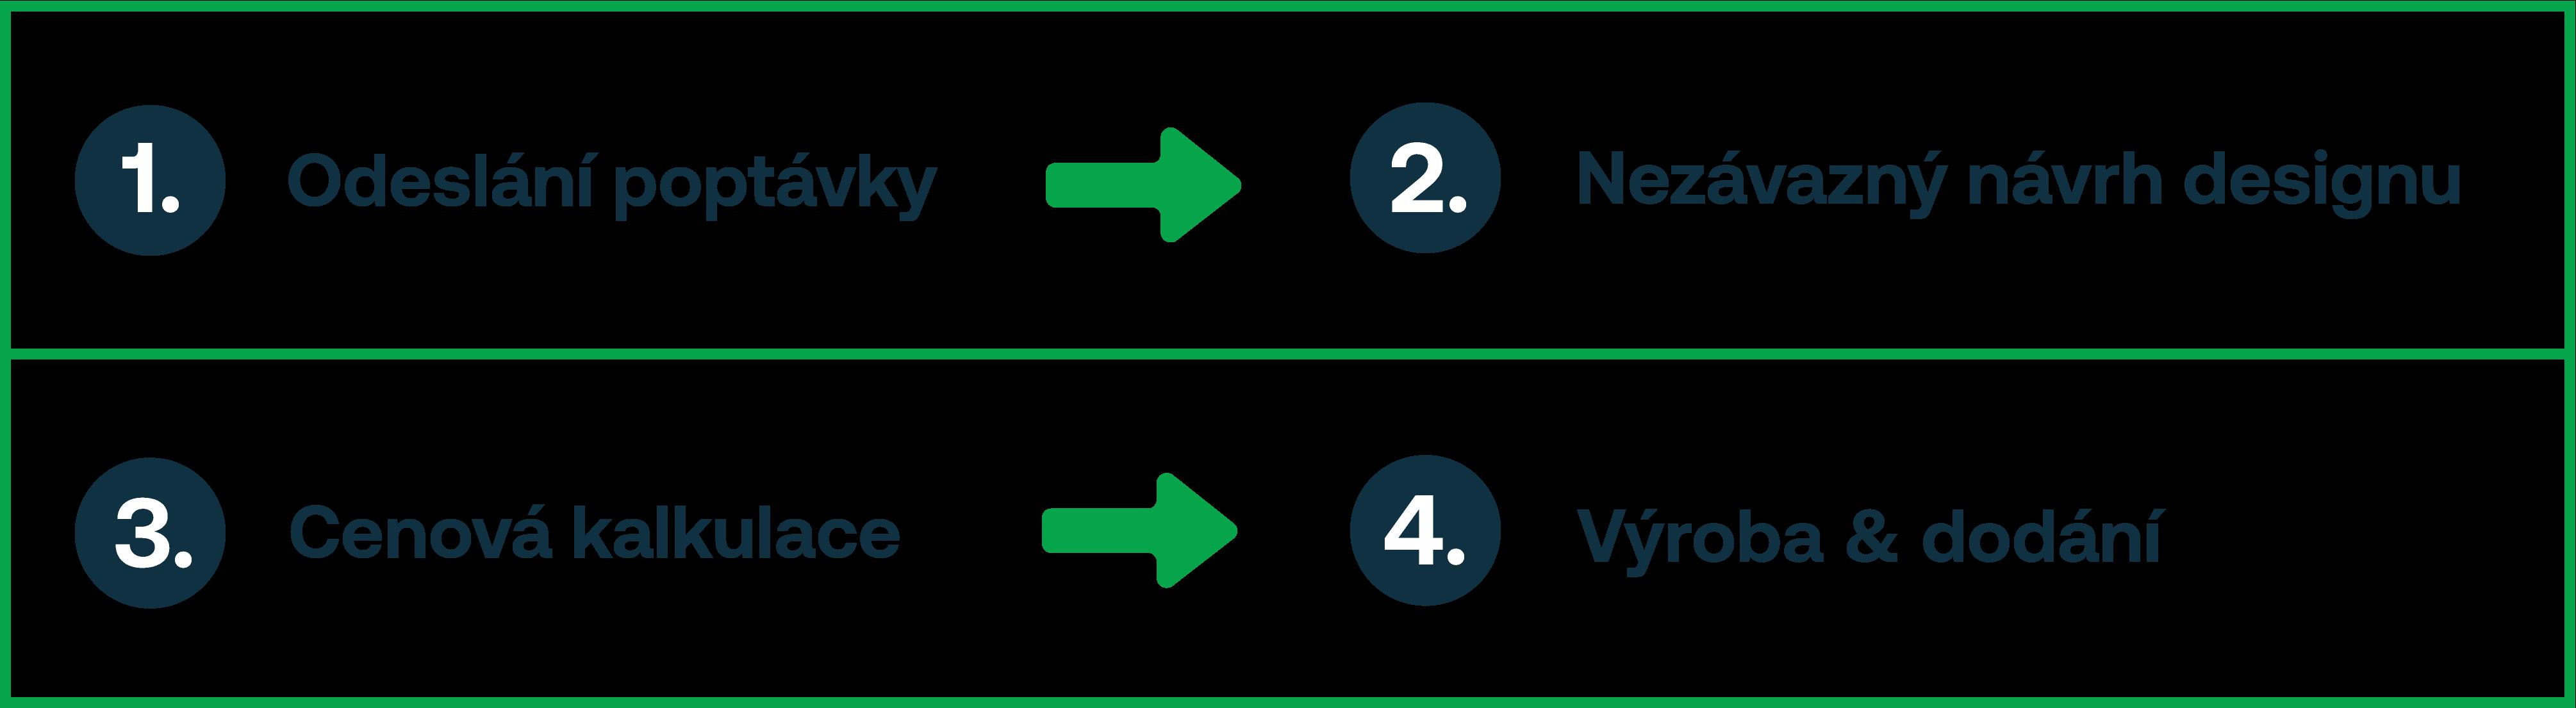 poptávkový-proces